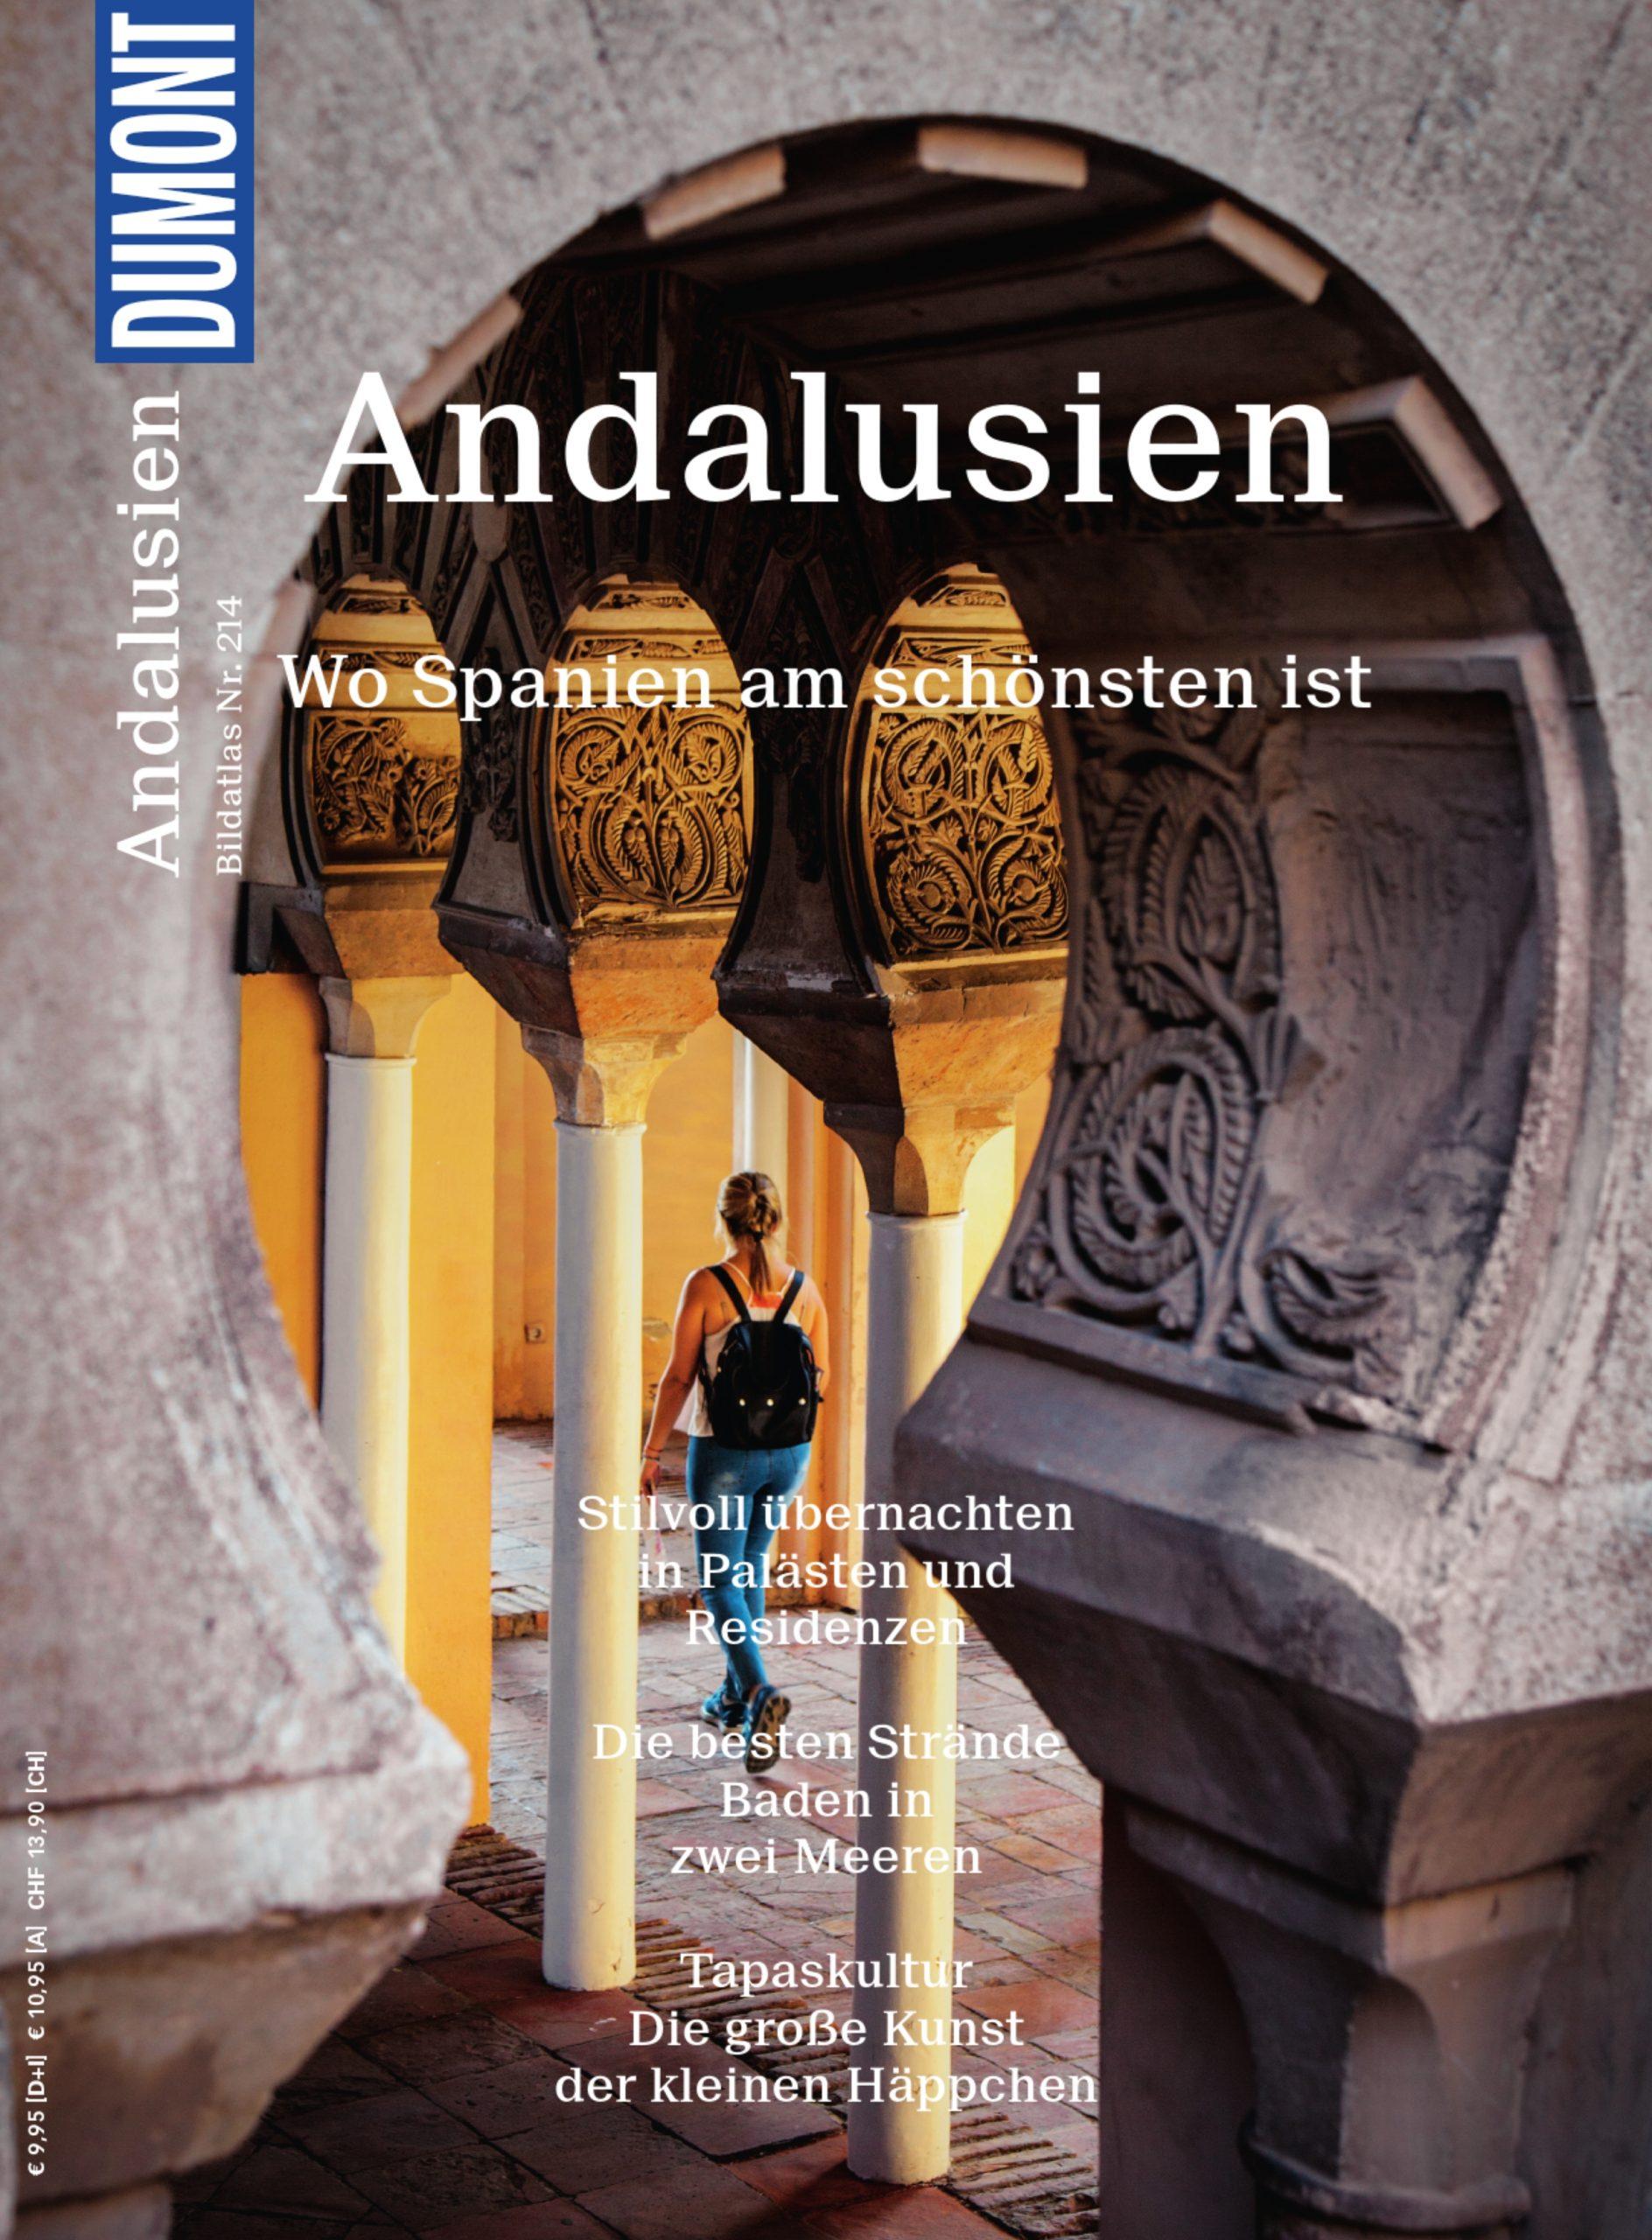 DuMont Bildatlas - Andalusien (Cover)